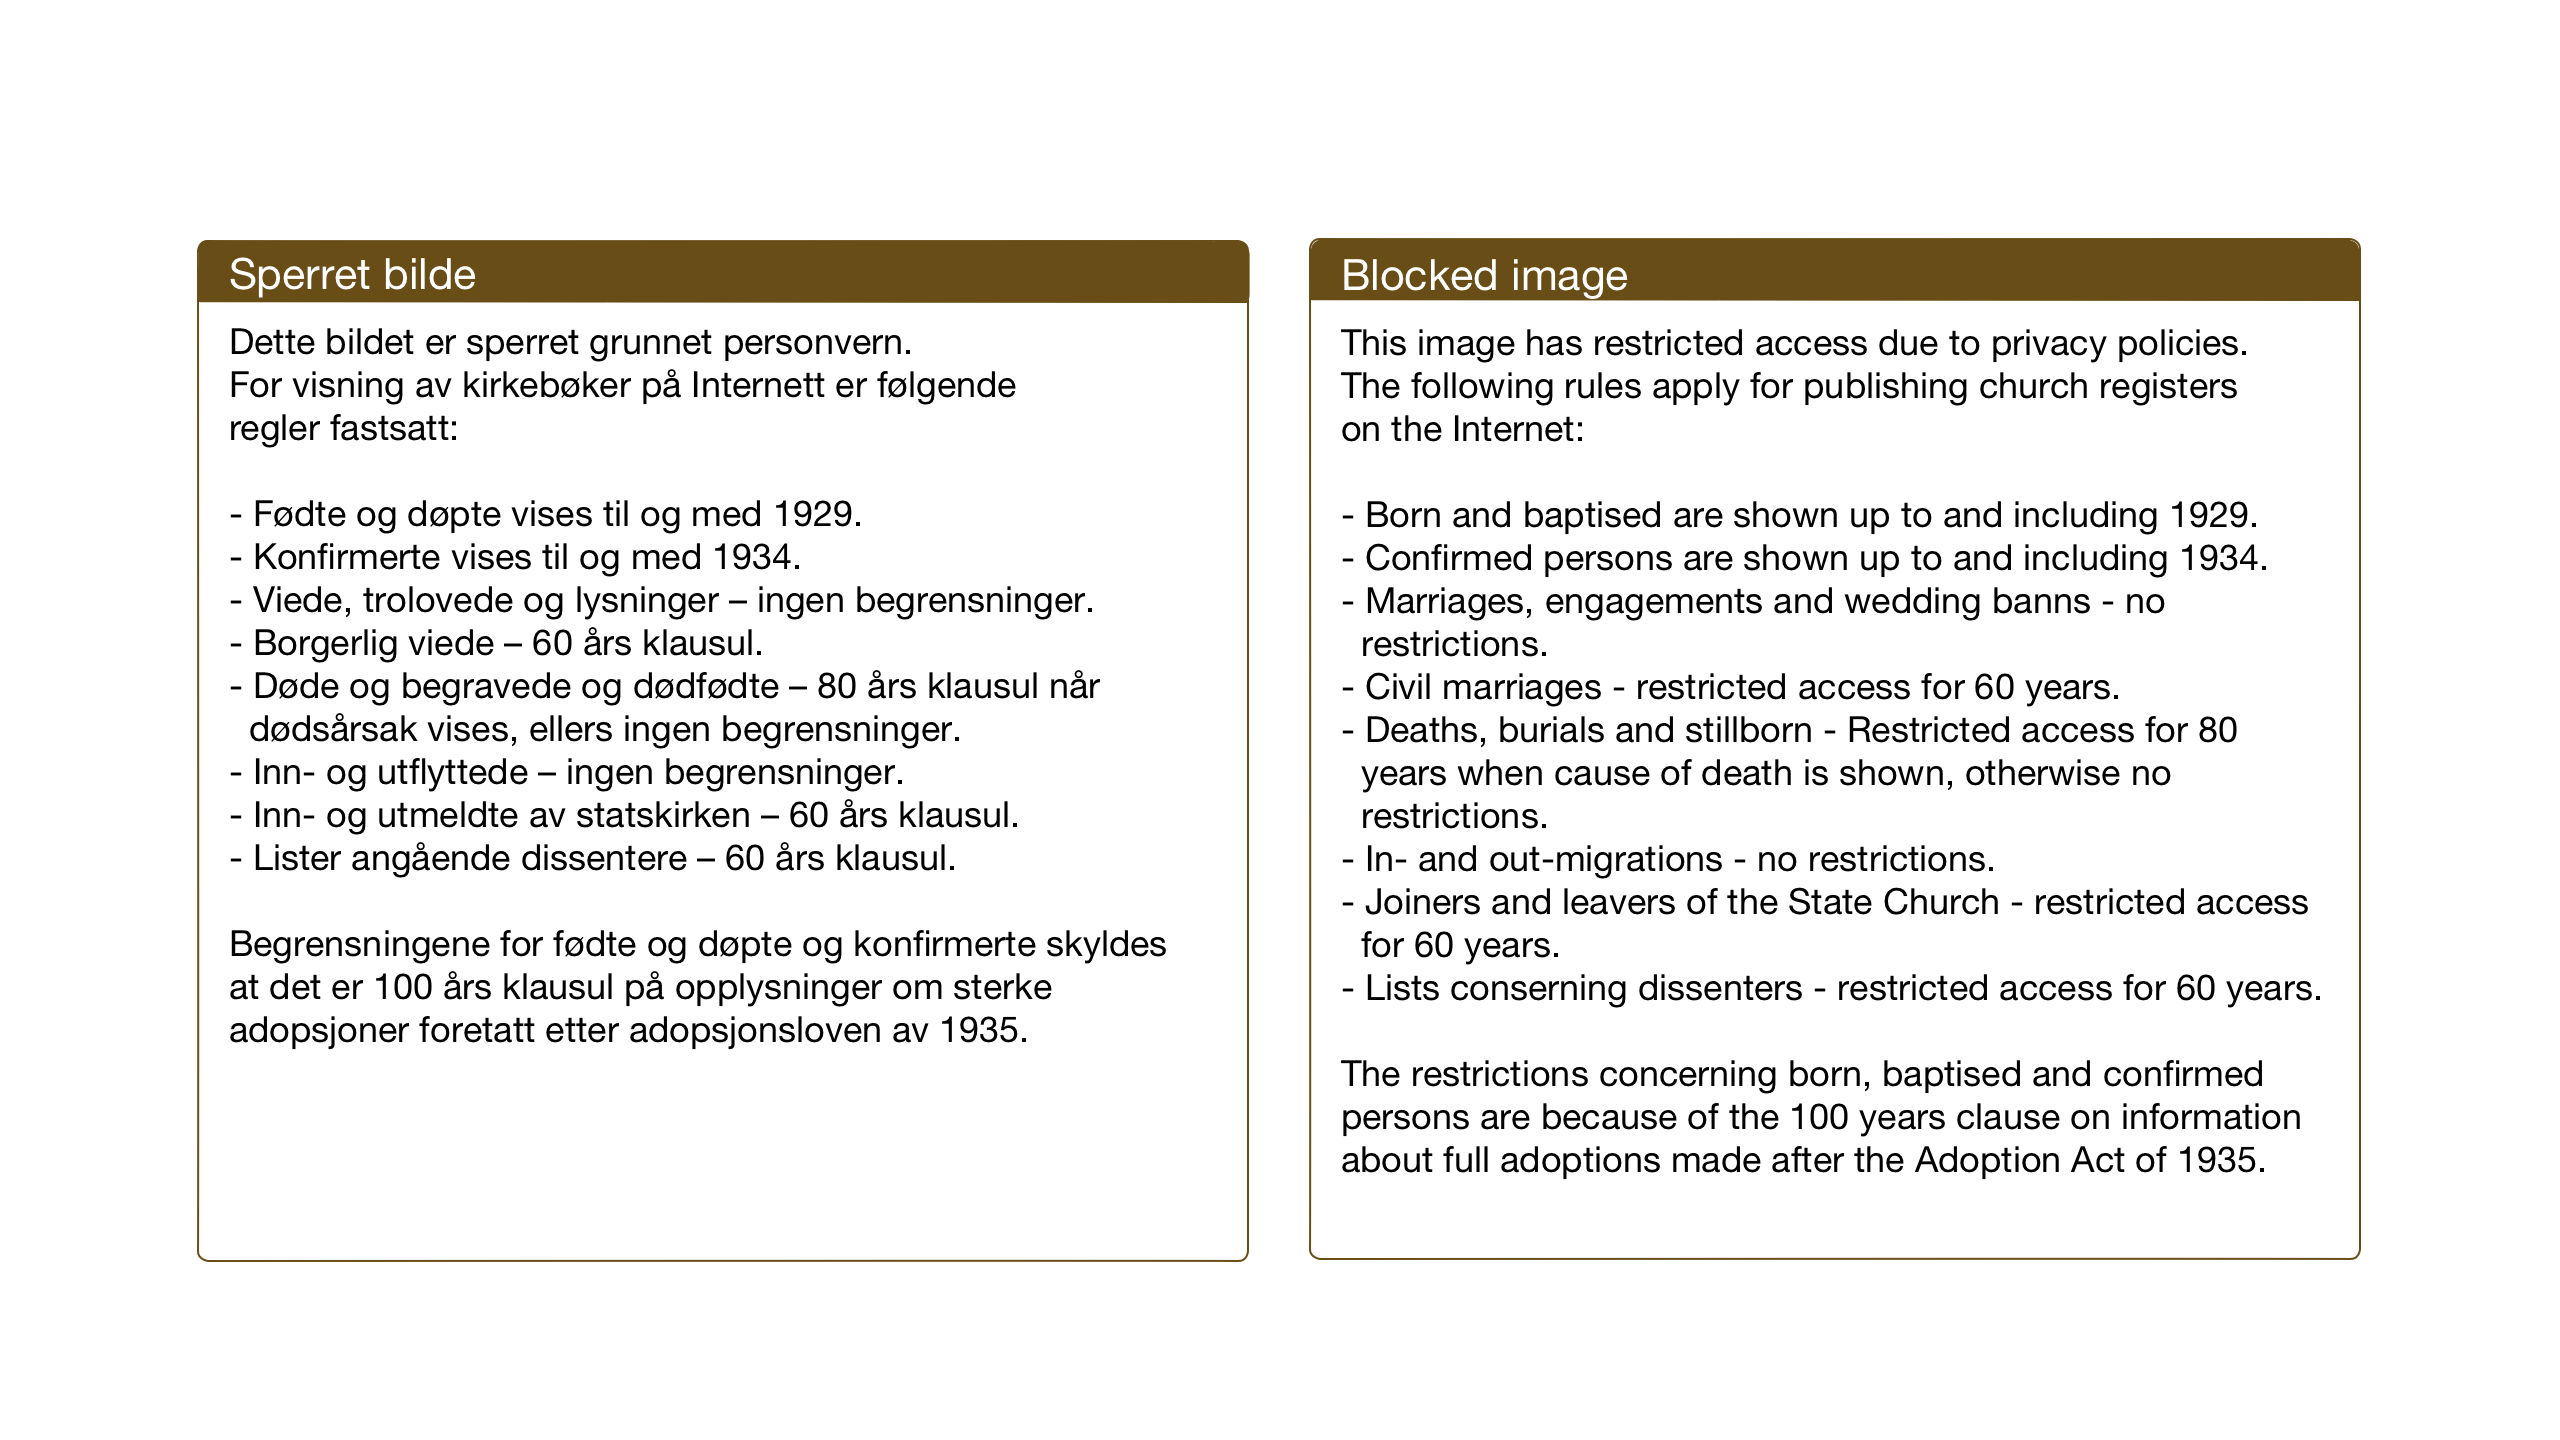 SAT, Ministerialprotokoller, klokkerbøker og fødselsregistre - Sør-Trøndelag, 694/L1134: Klokkerbok nr. 694C06, 1915-1937, s. 91